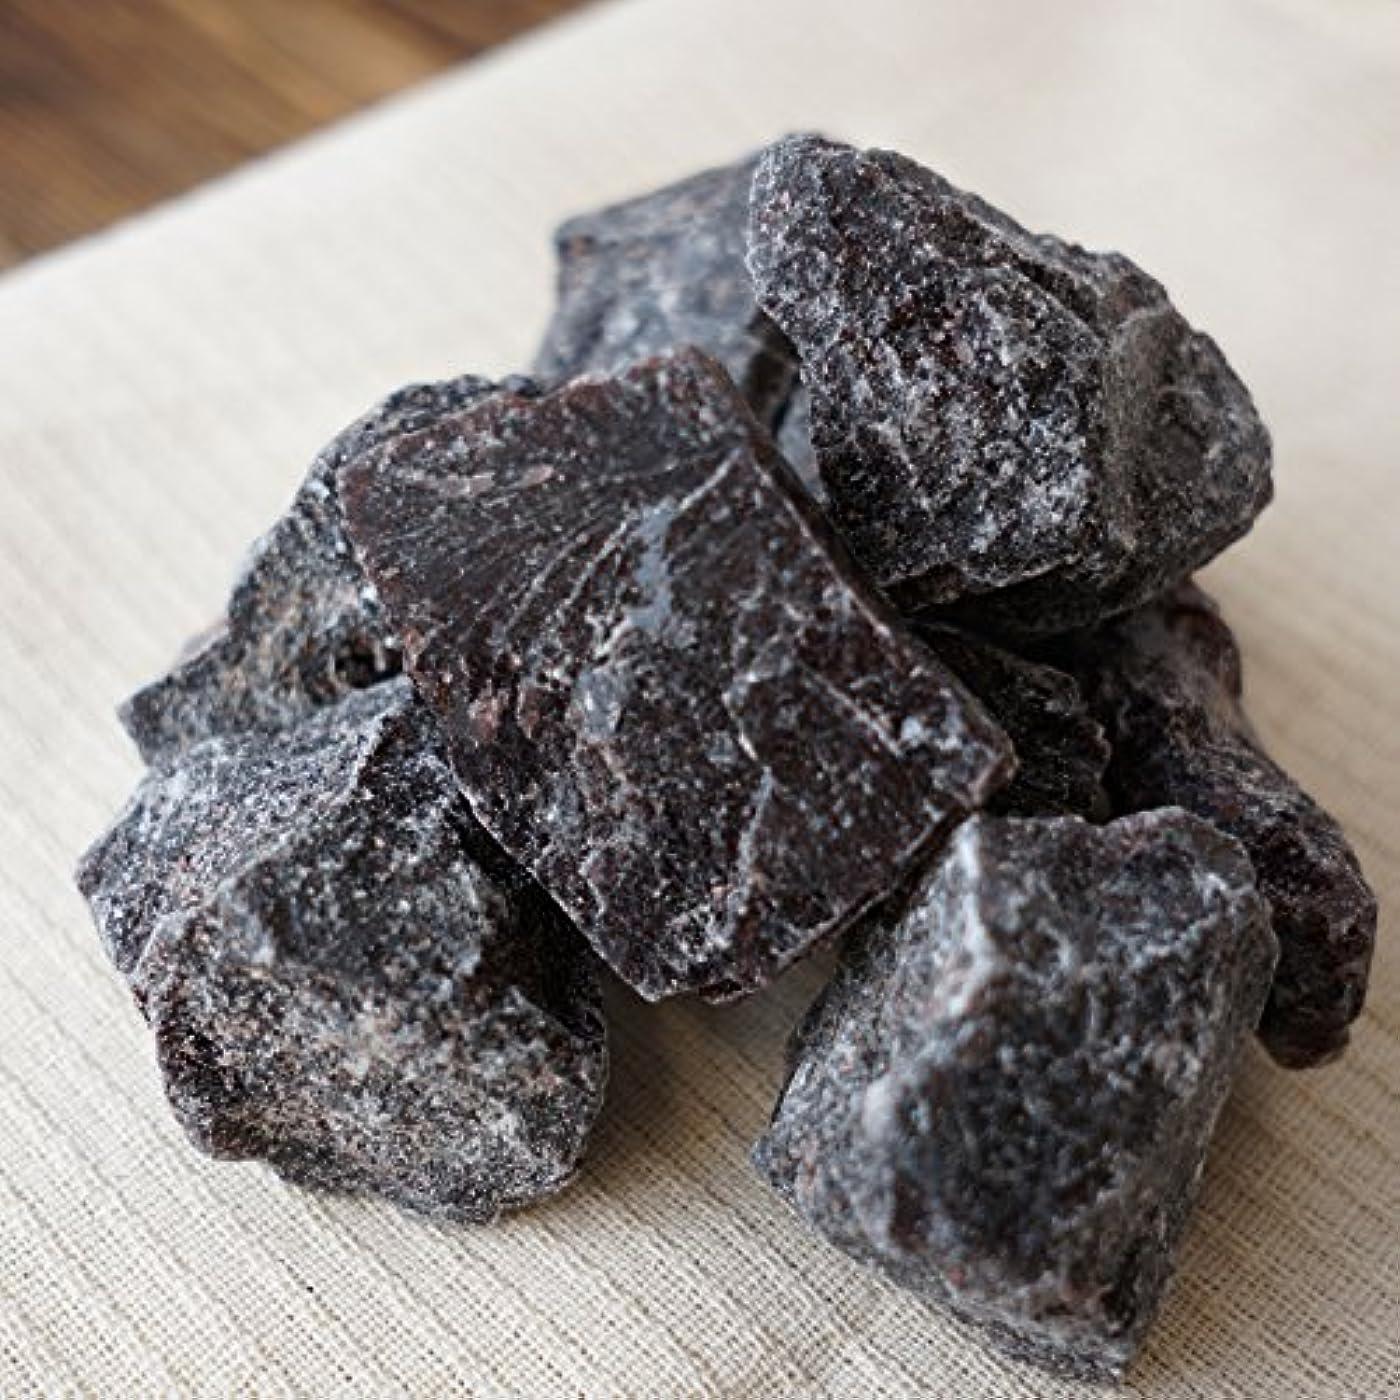 楽しませる有毒な受け入れ希少 インド岩塩 ルビー ブロック 約2-5cm 20kg 20,000g 原料